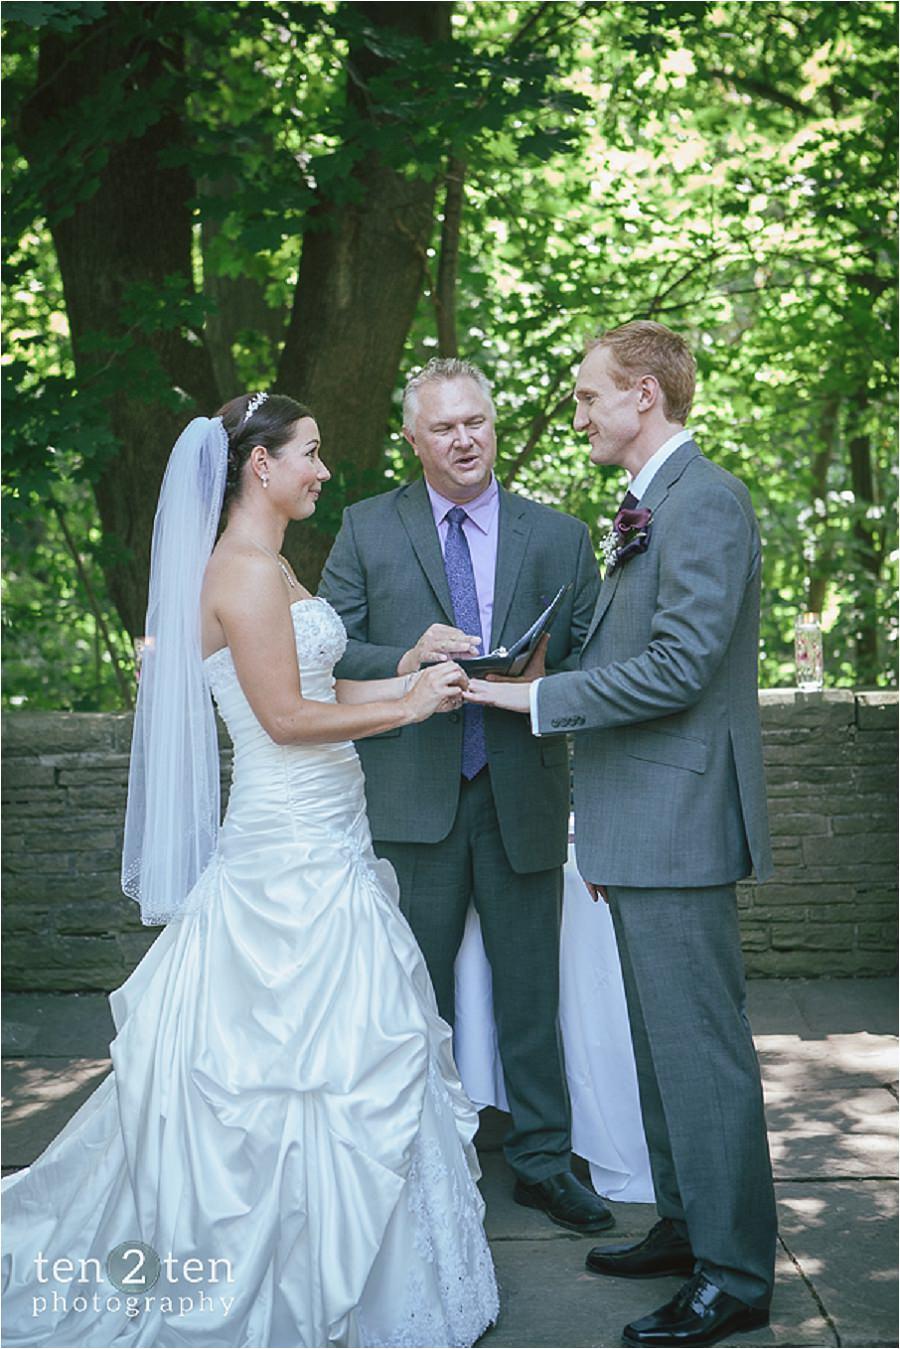 vaughan estates of sunnybrook wedding ten2ten 0038 - Estates of Sunnybrook Wedding: Danielle + Chris